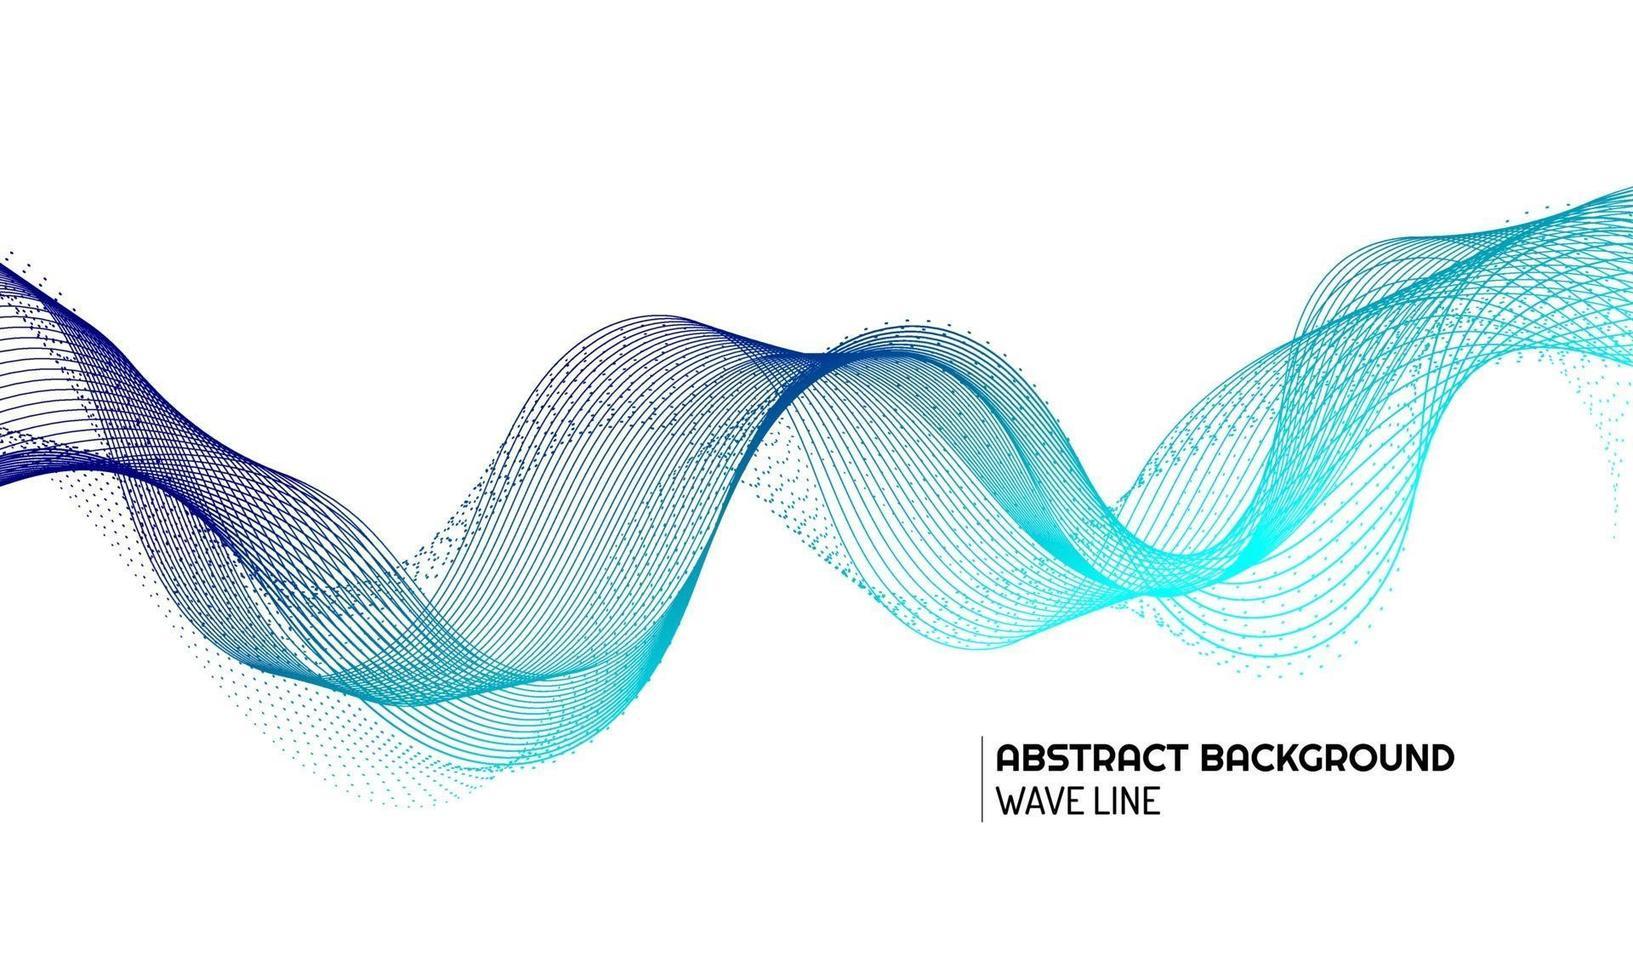 élément de vague abstraite pour la conception vecteur